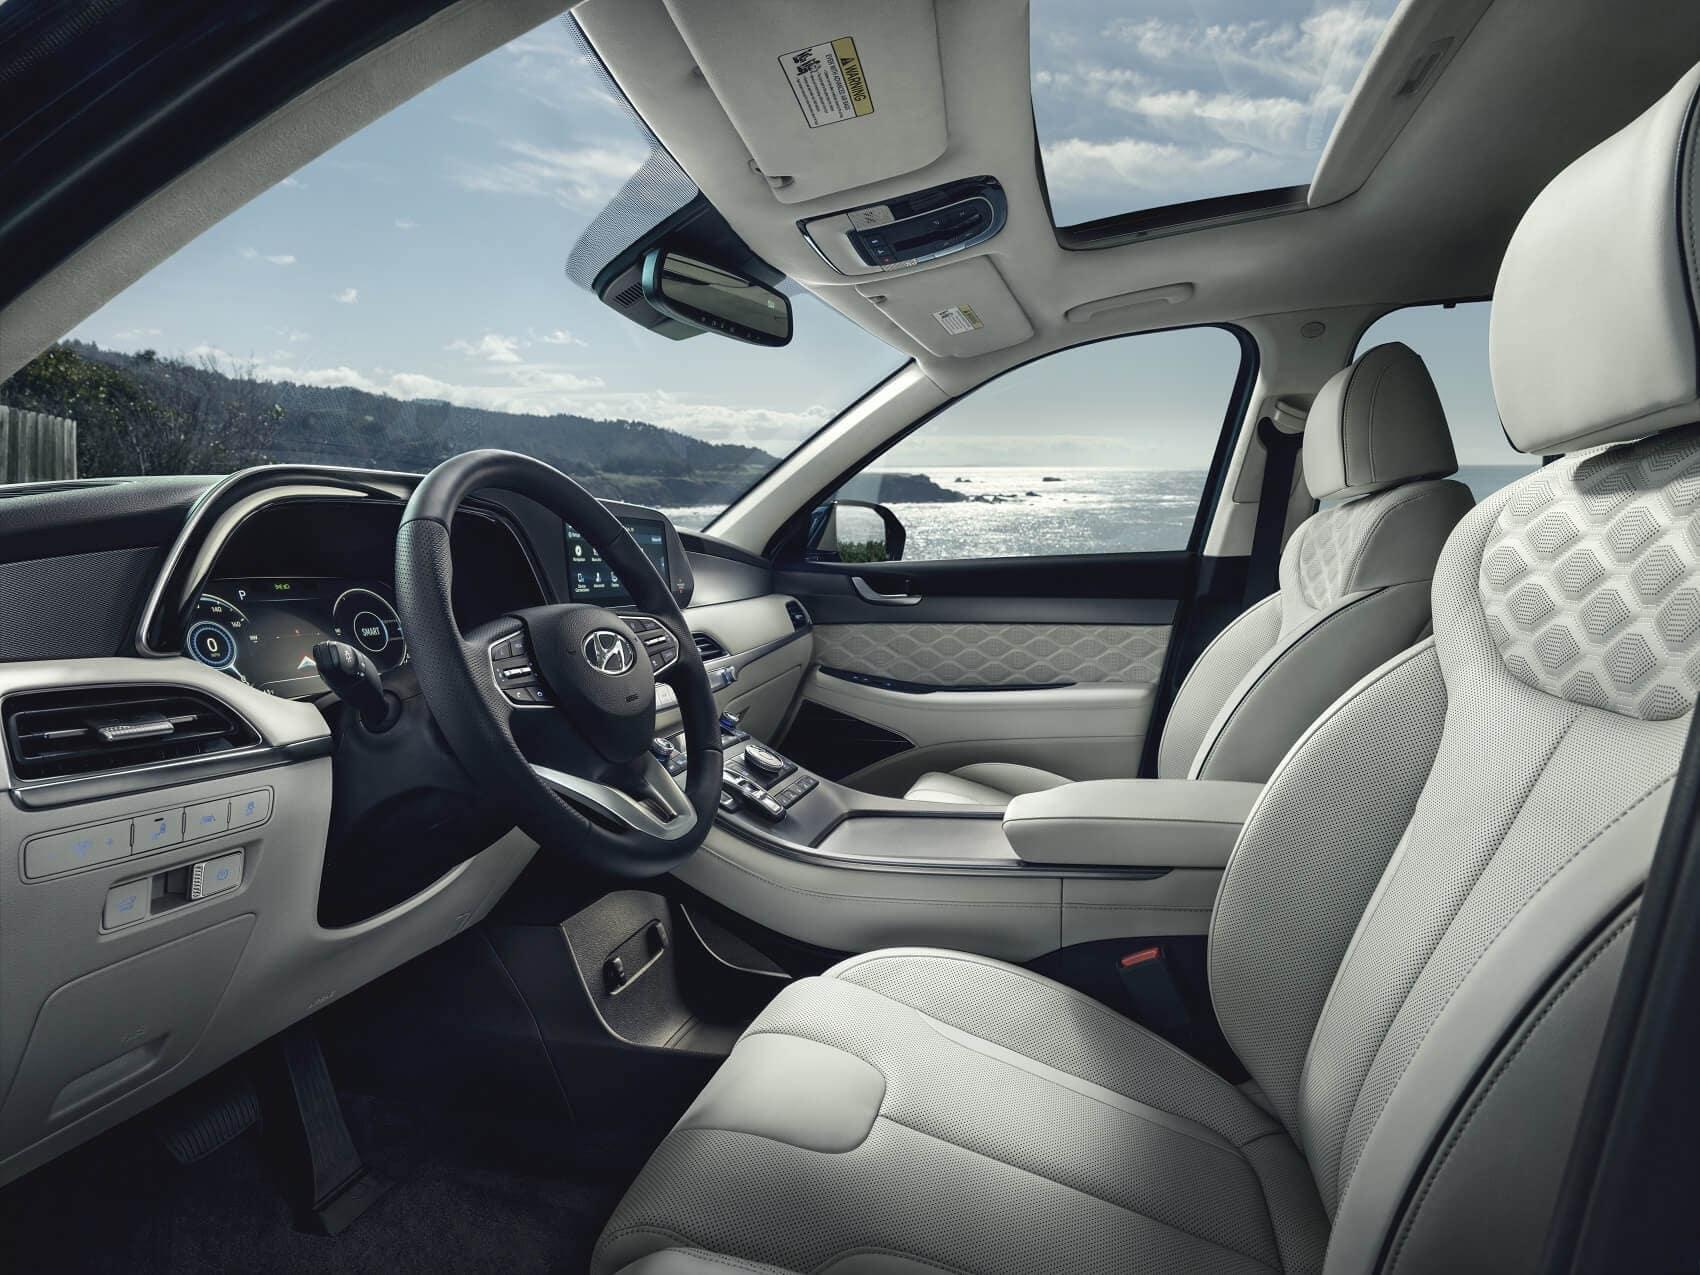 Hyundai Palisade Interior Space